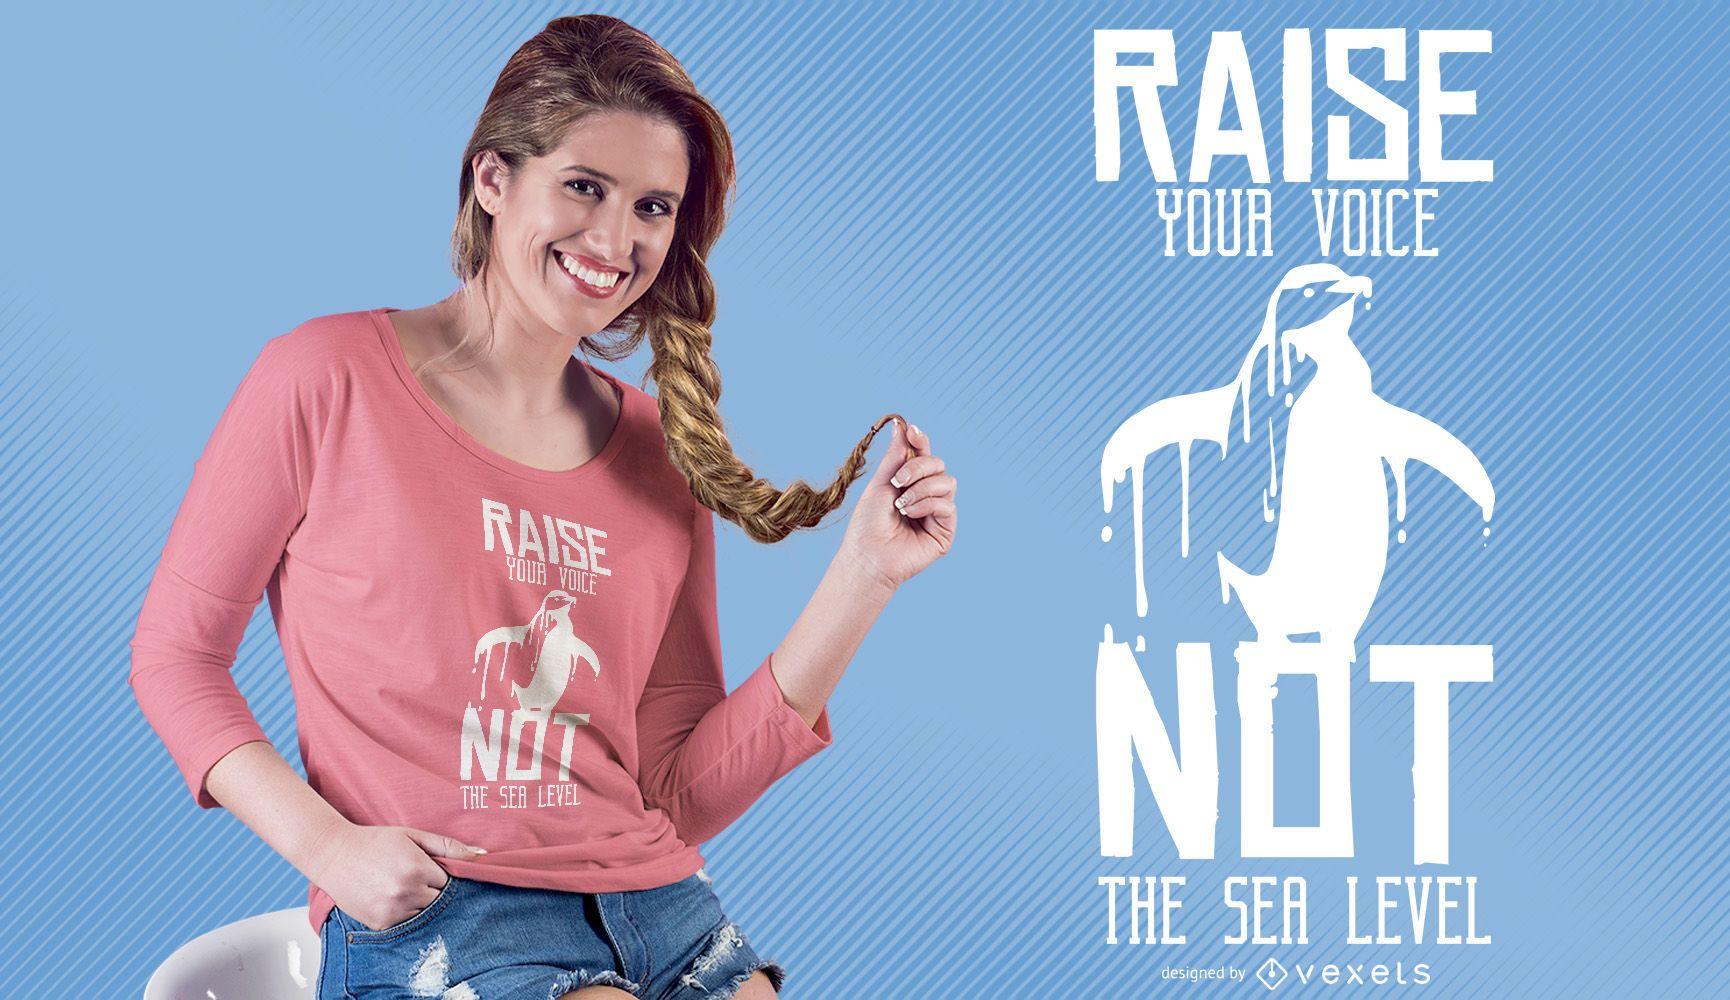 Raise your voice t-shirt design